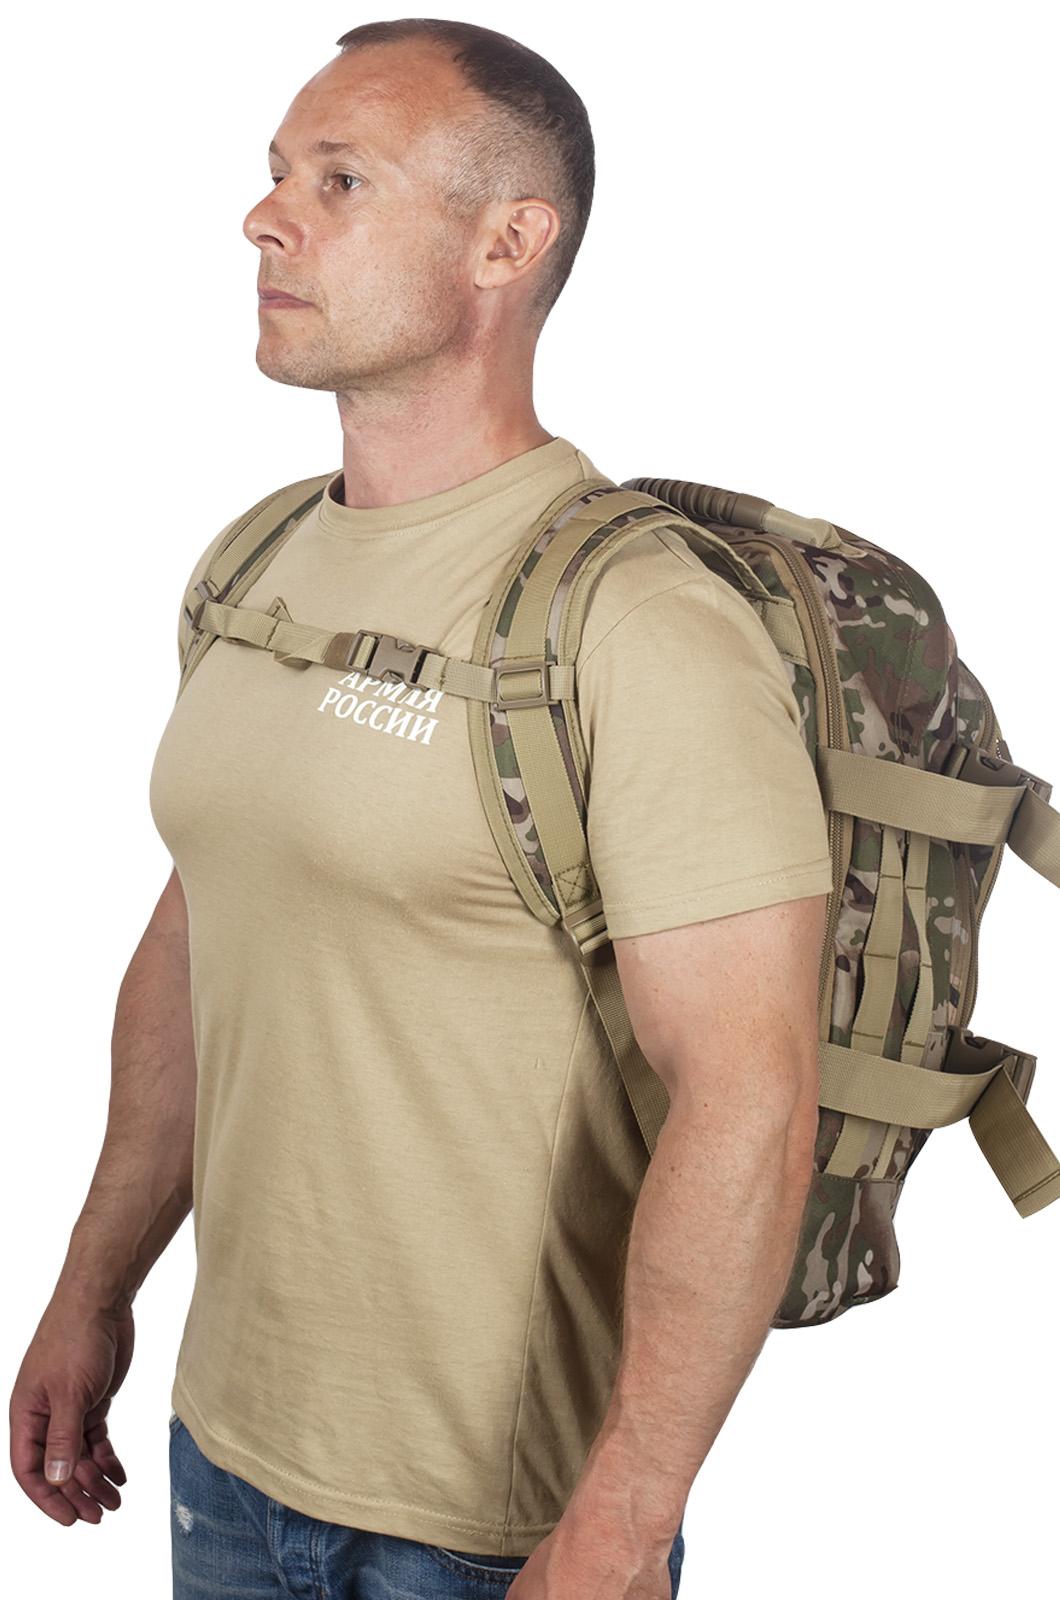 Камуфляжный рюкзак для охотника с нашивкой Ни Пуха ни Пера - купить в подарок